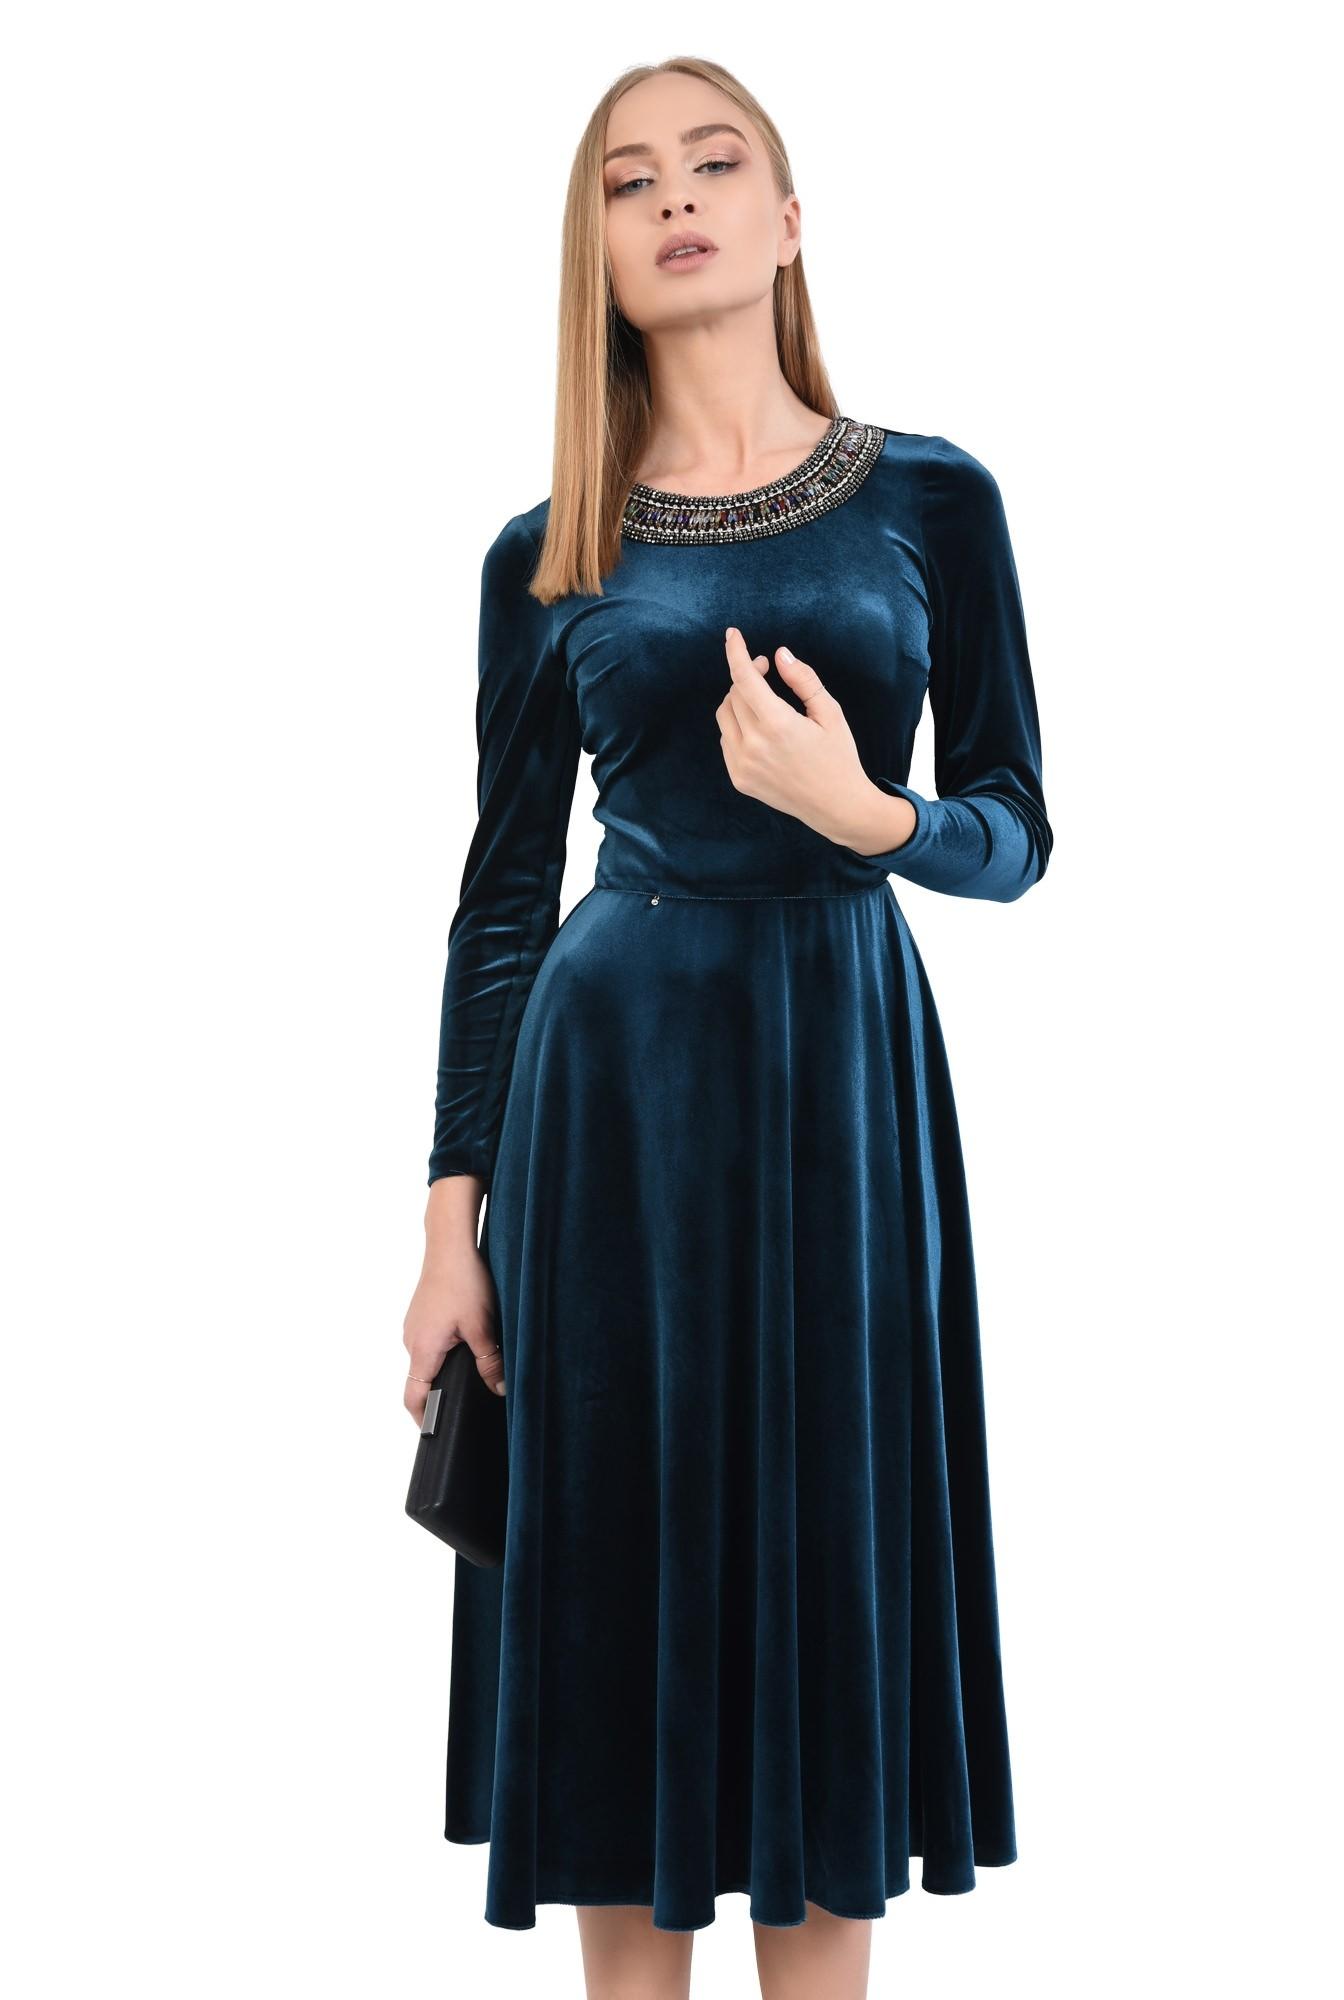 0 - rochie de seara, din catifea, croi evazat, cu pasmanterie tip colier